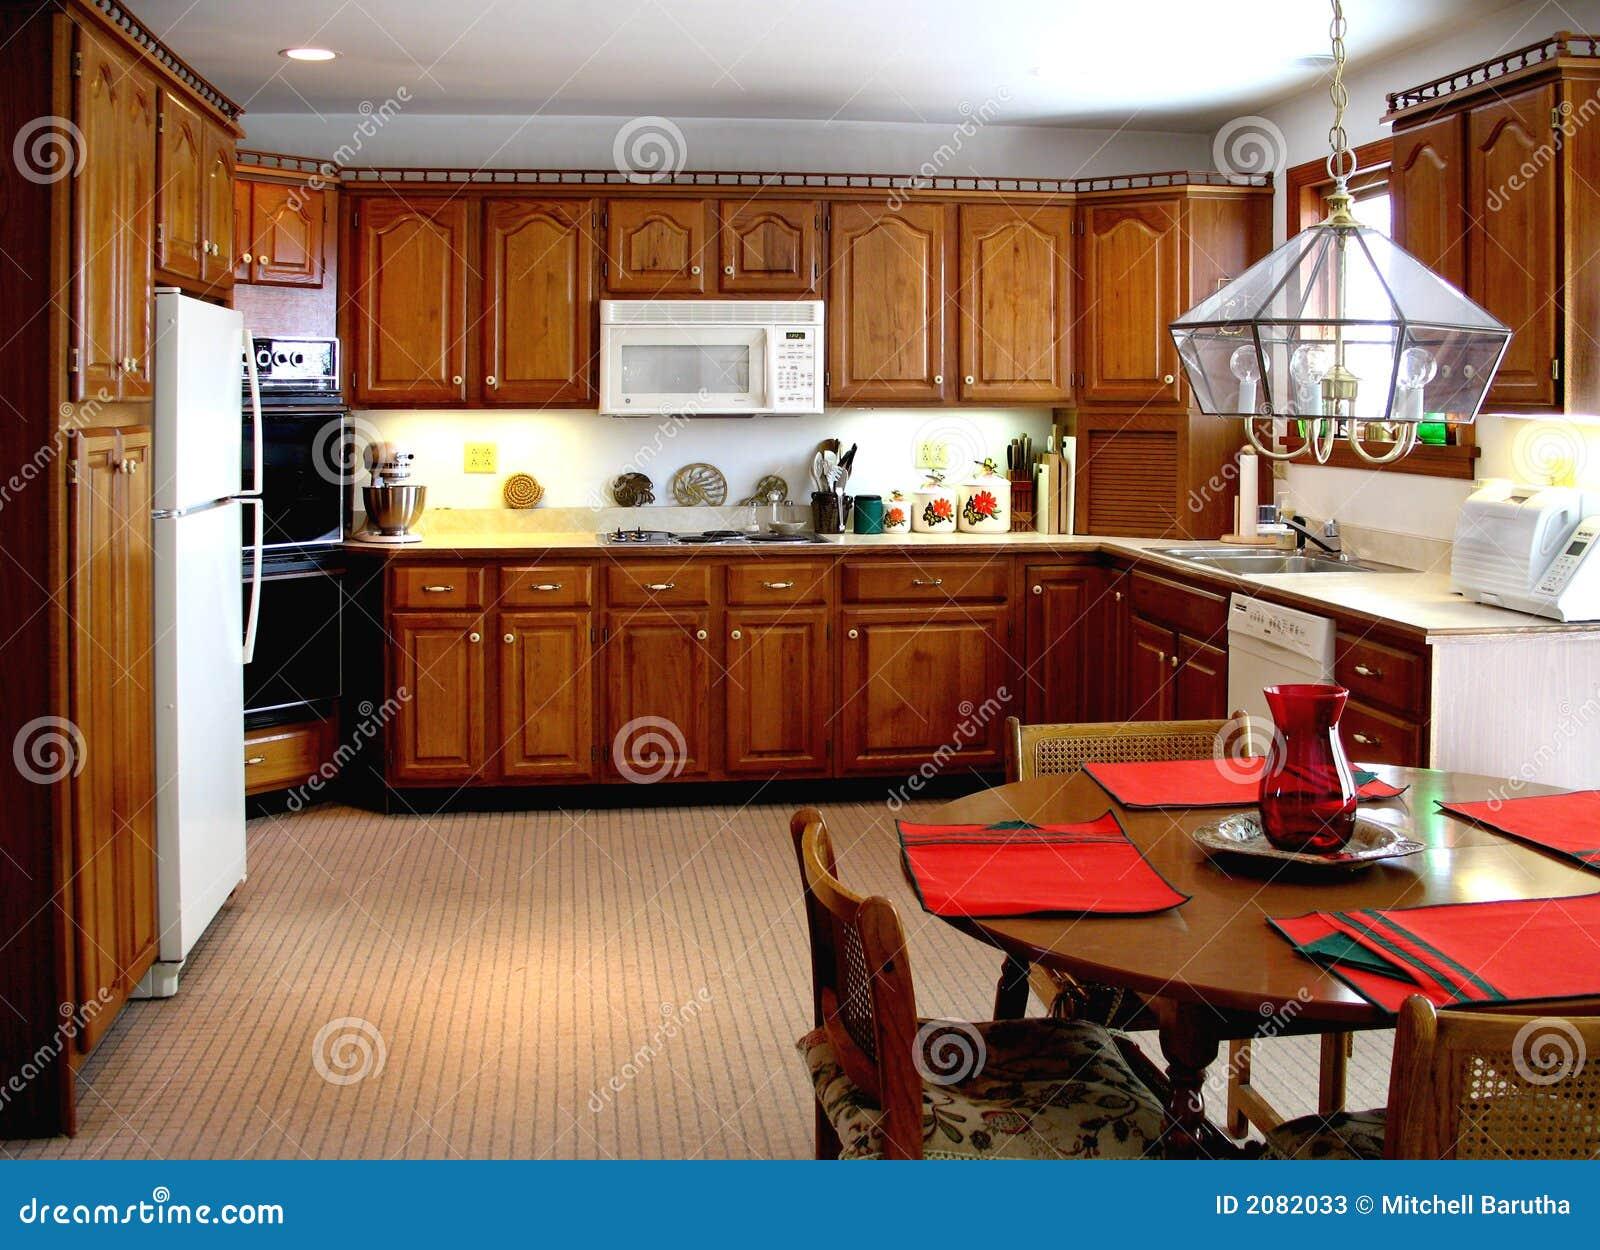 Cozinha Mais Velha Fotos de Stock Imagem: 2082033 #B71D14 1300 1033